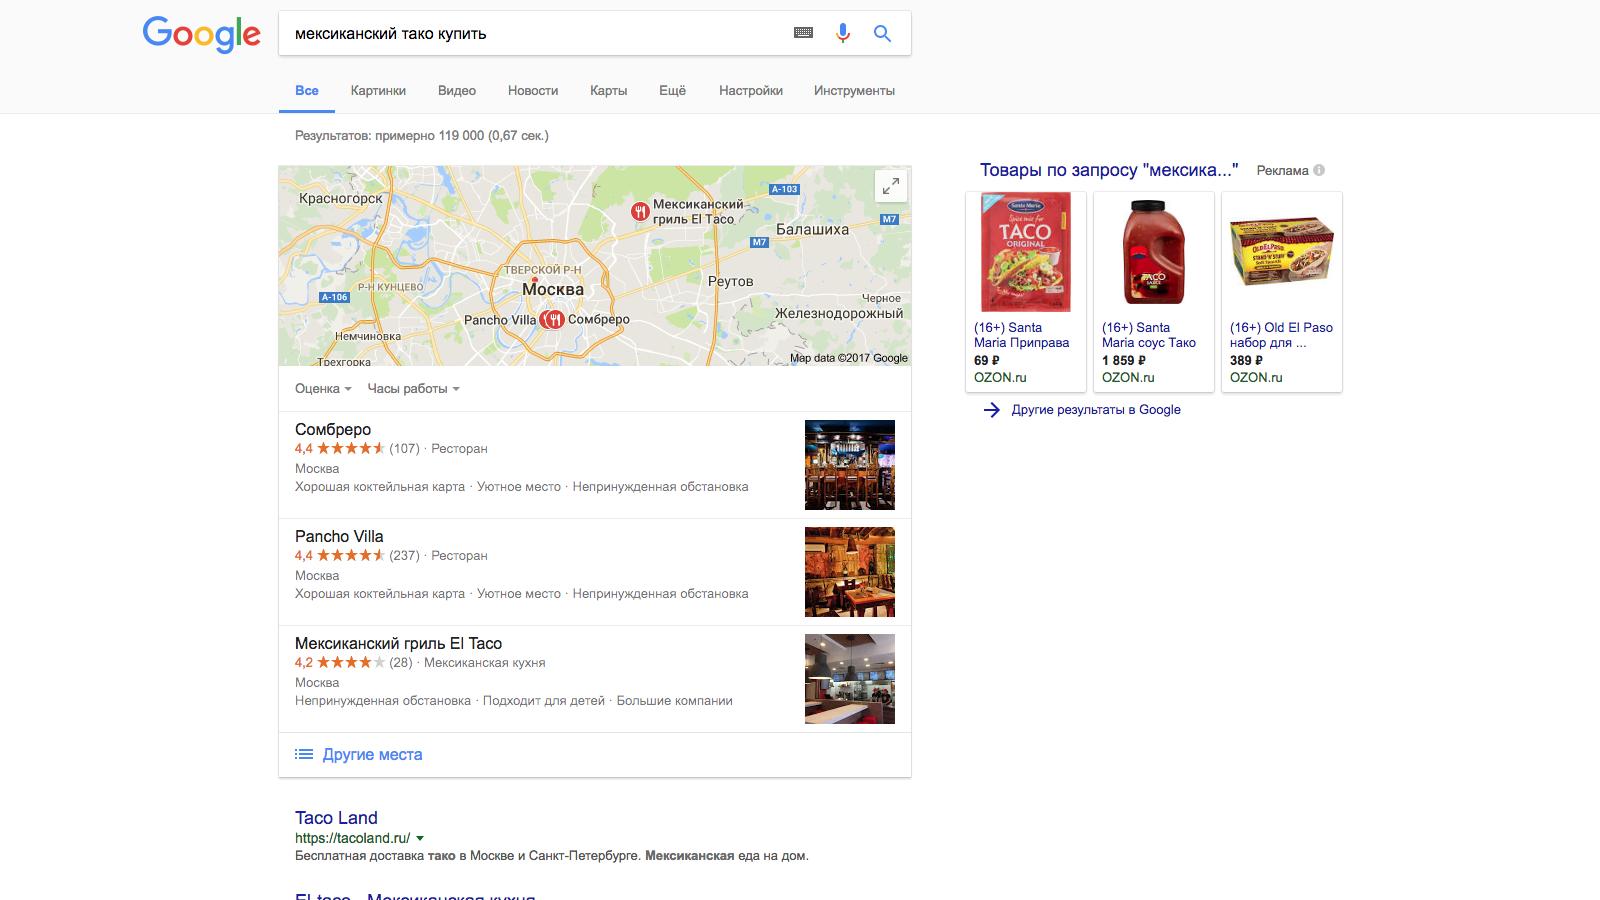 <p>Алгоритм выдачи данных в поисковике Google: данные геосервиса отображаются в верху списка.</p>